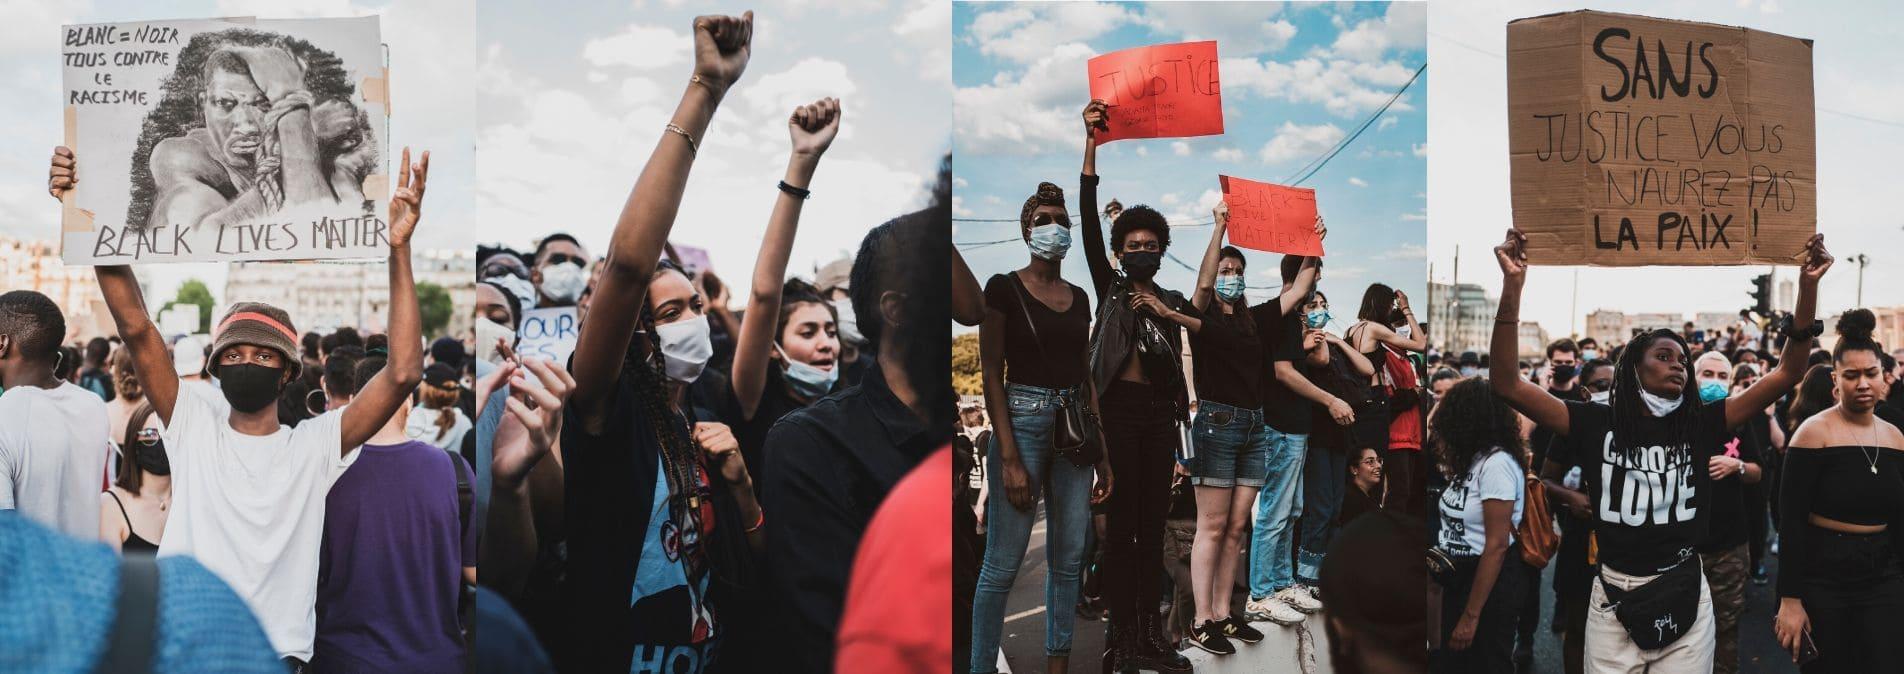 Manifestation contre les violences policières - Paris, Juin 2020 ©Lila Azeu